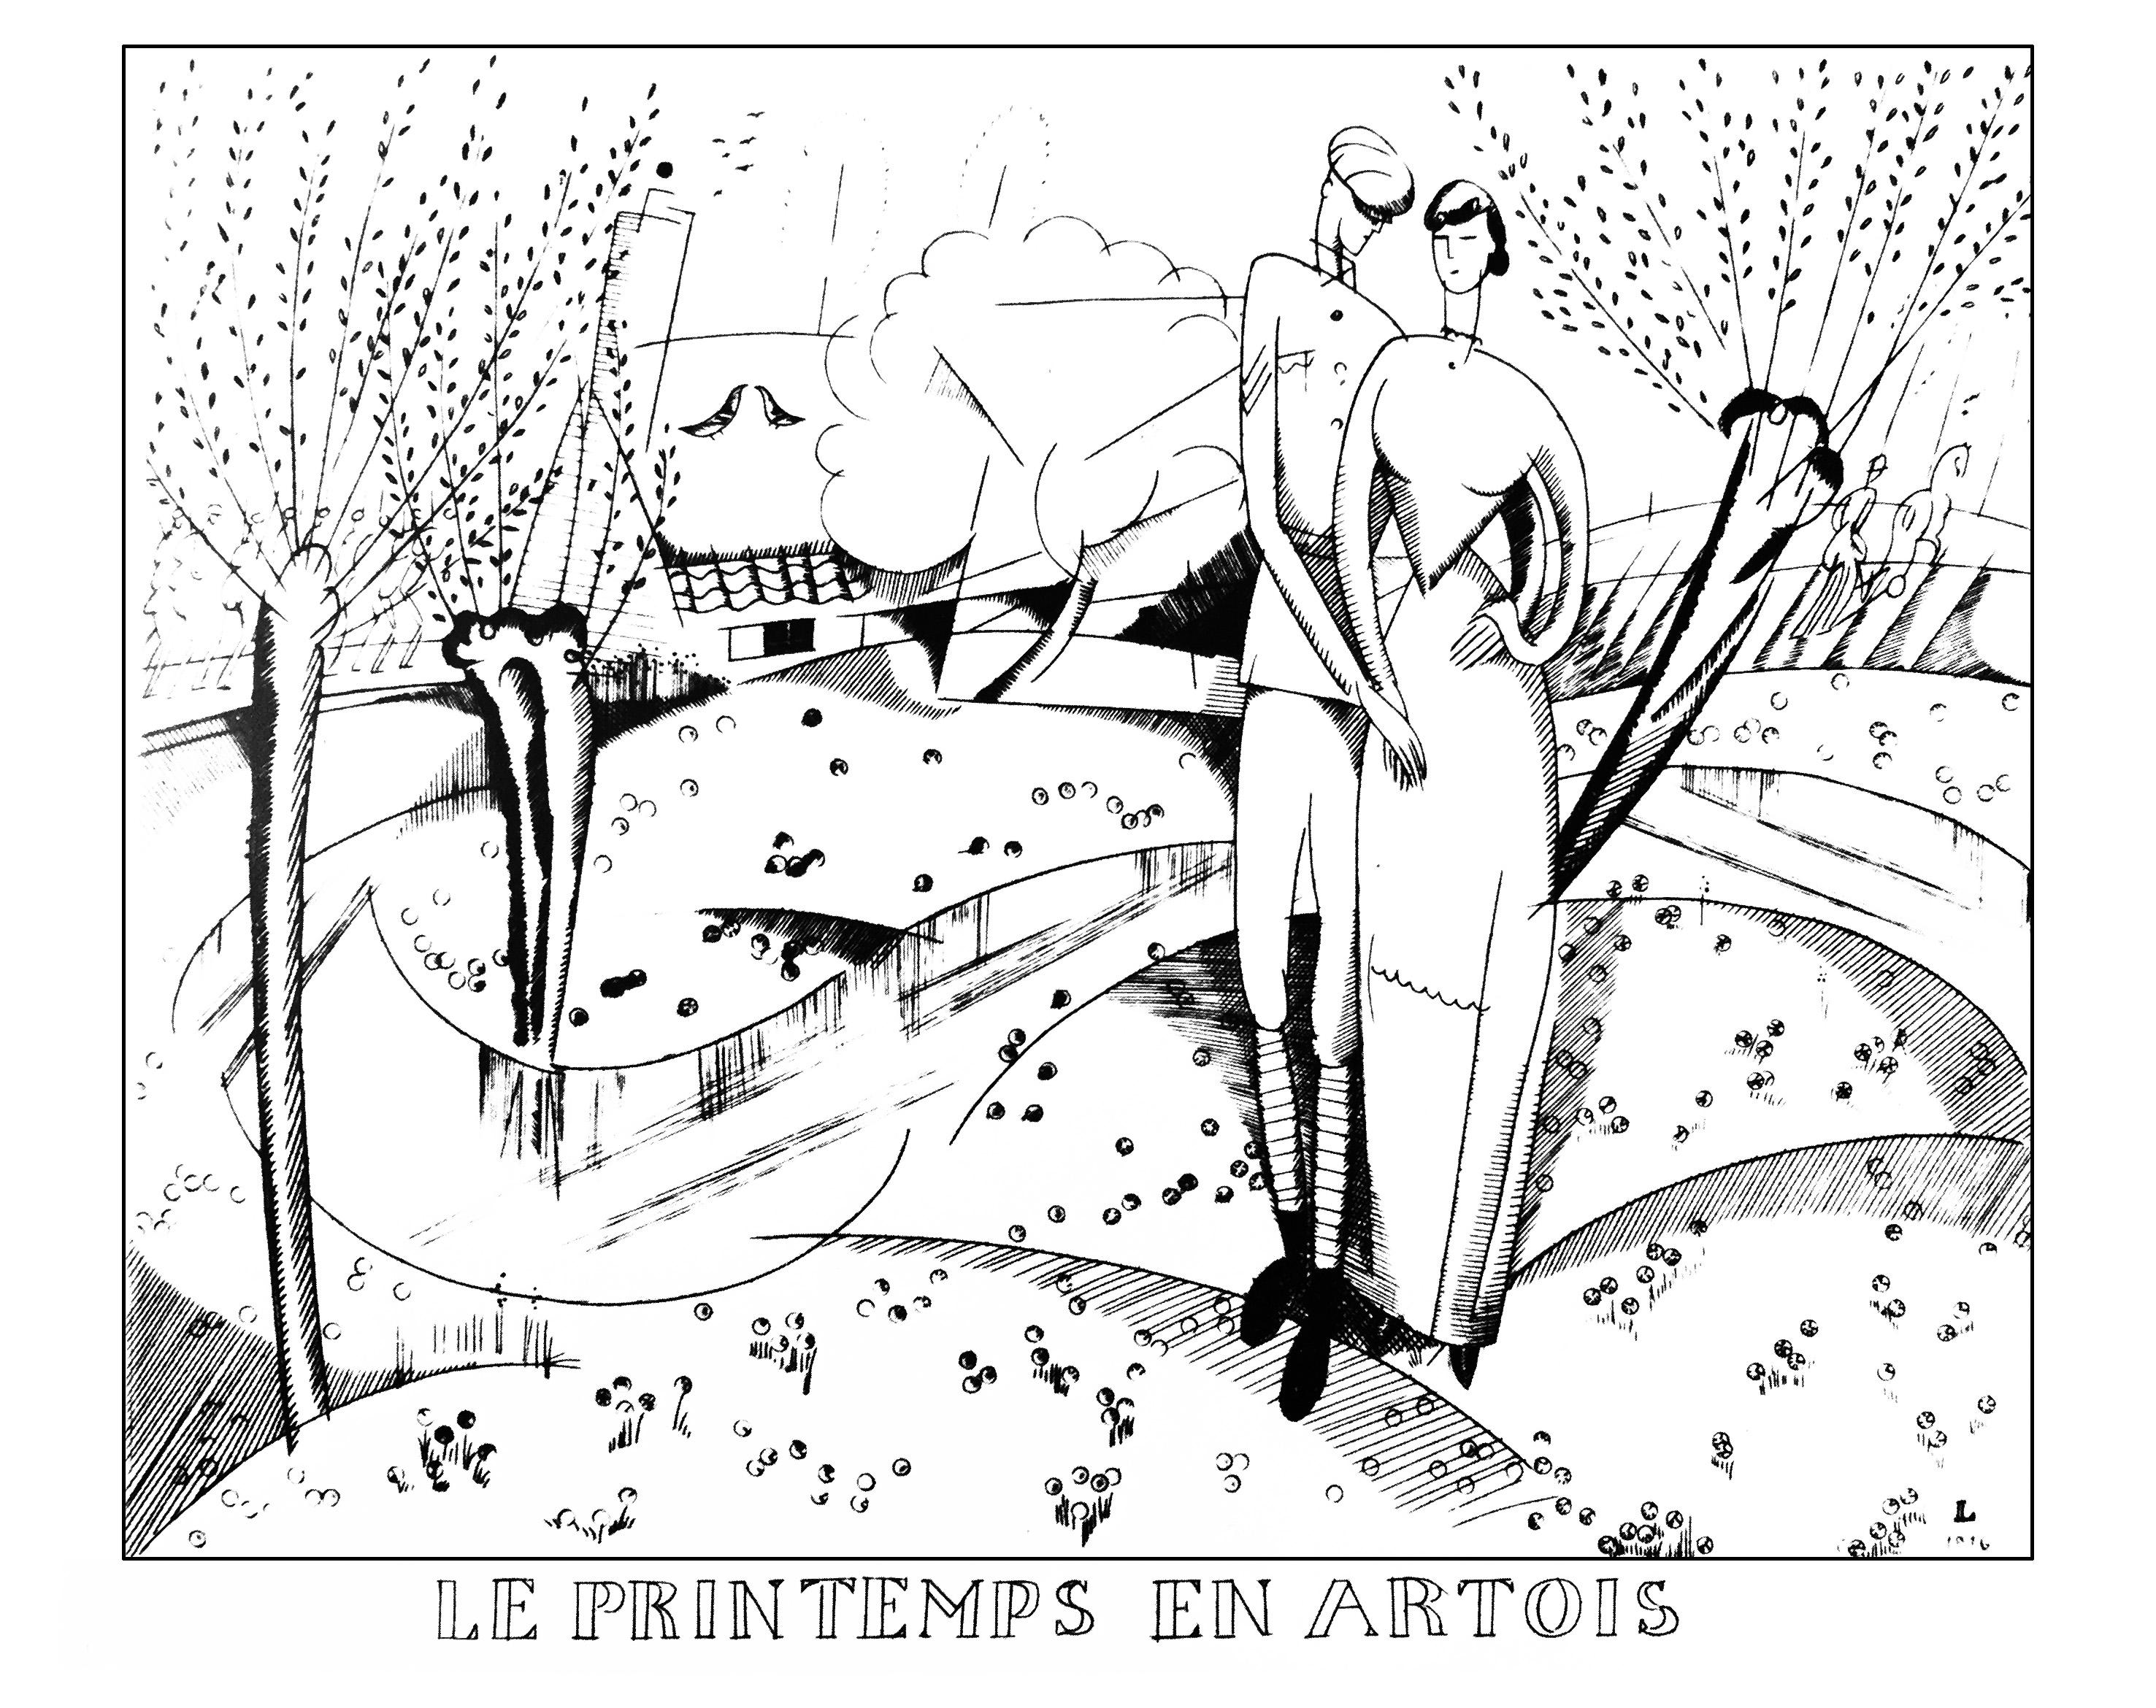 Disegni da colorare per adulti : Art deco - 16